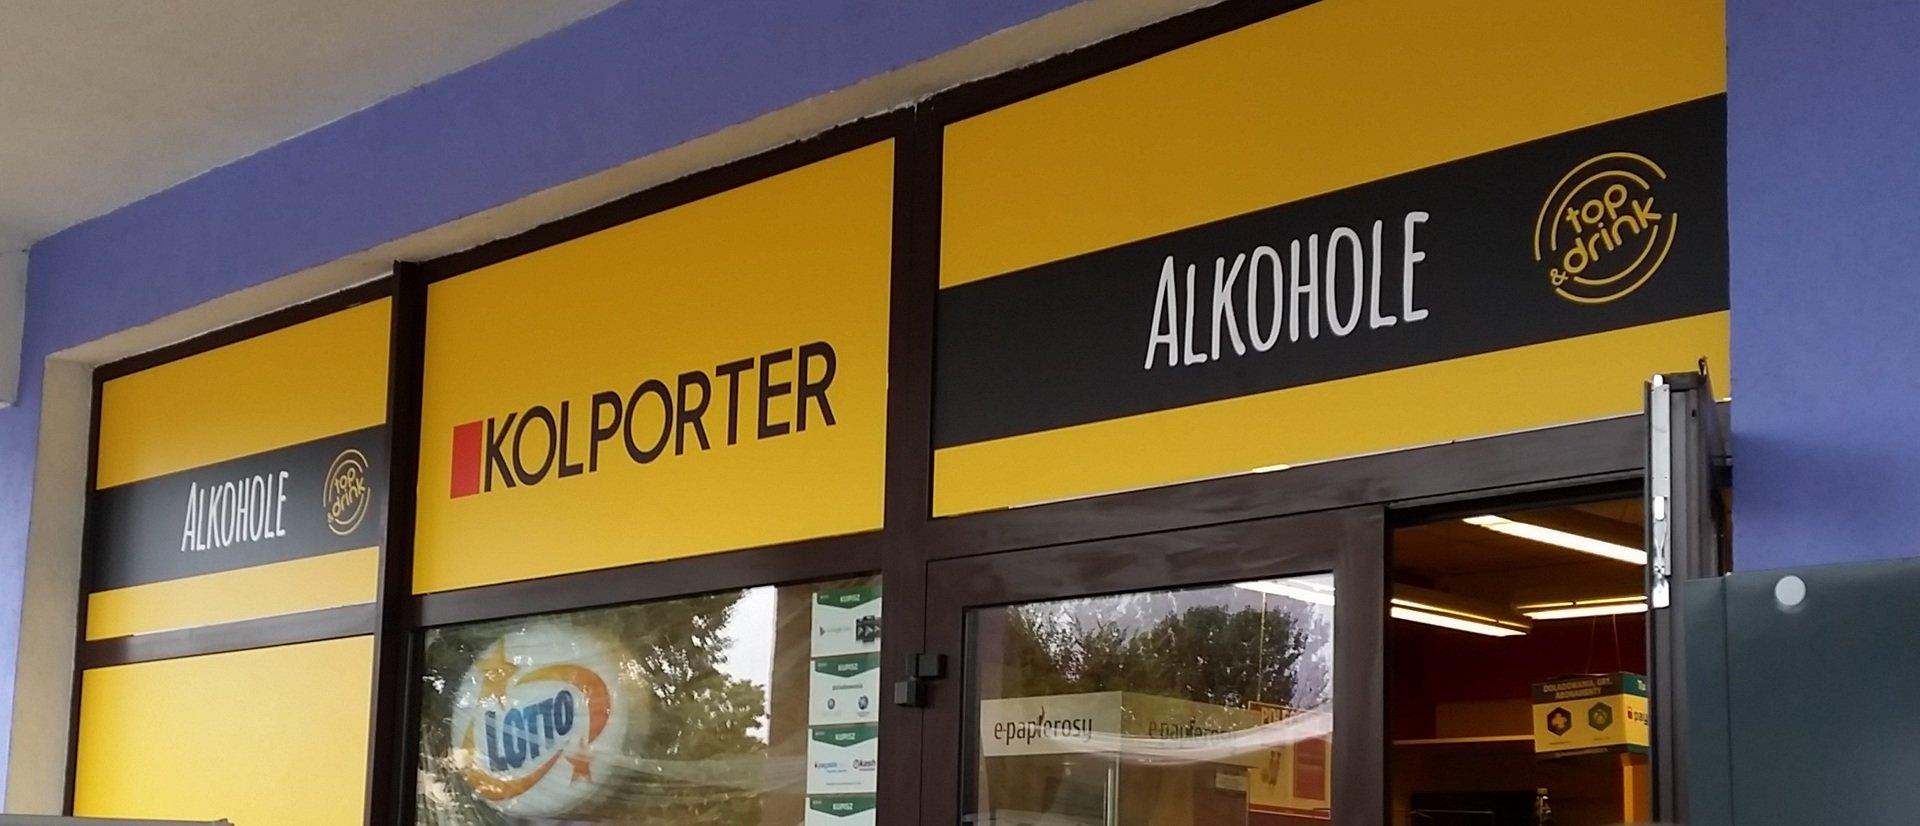 Kolporter rozwija saloniki ze strefą alkoholi